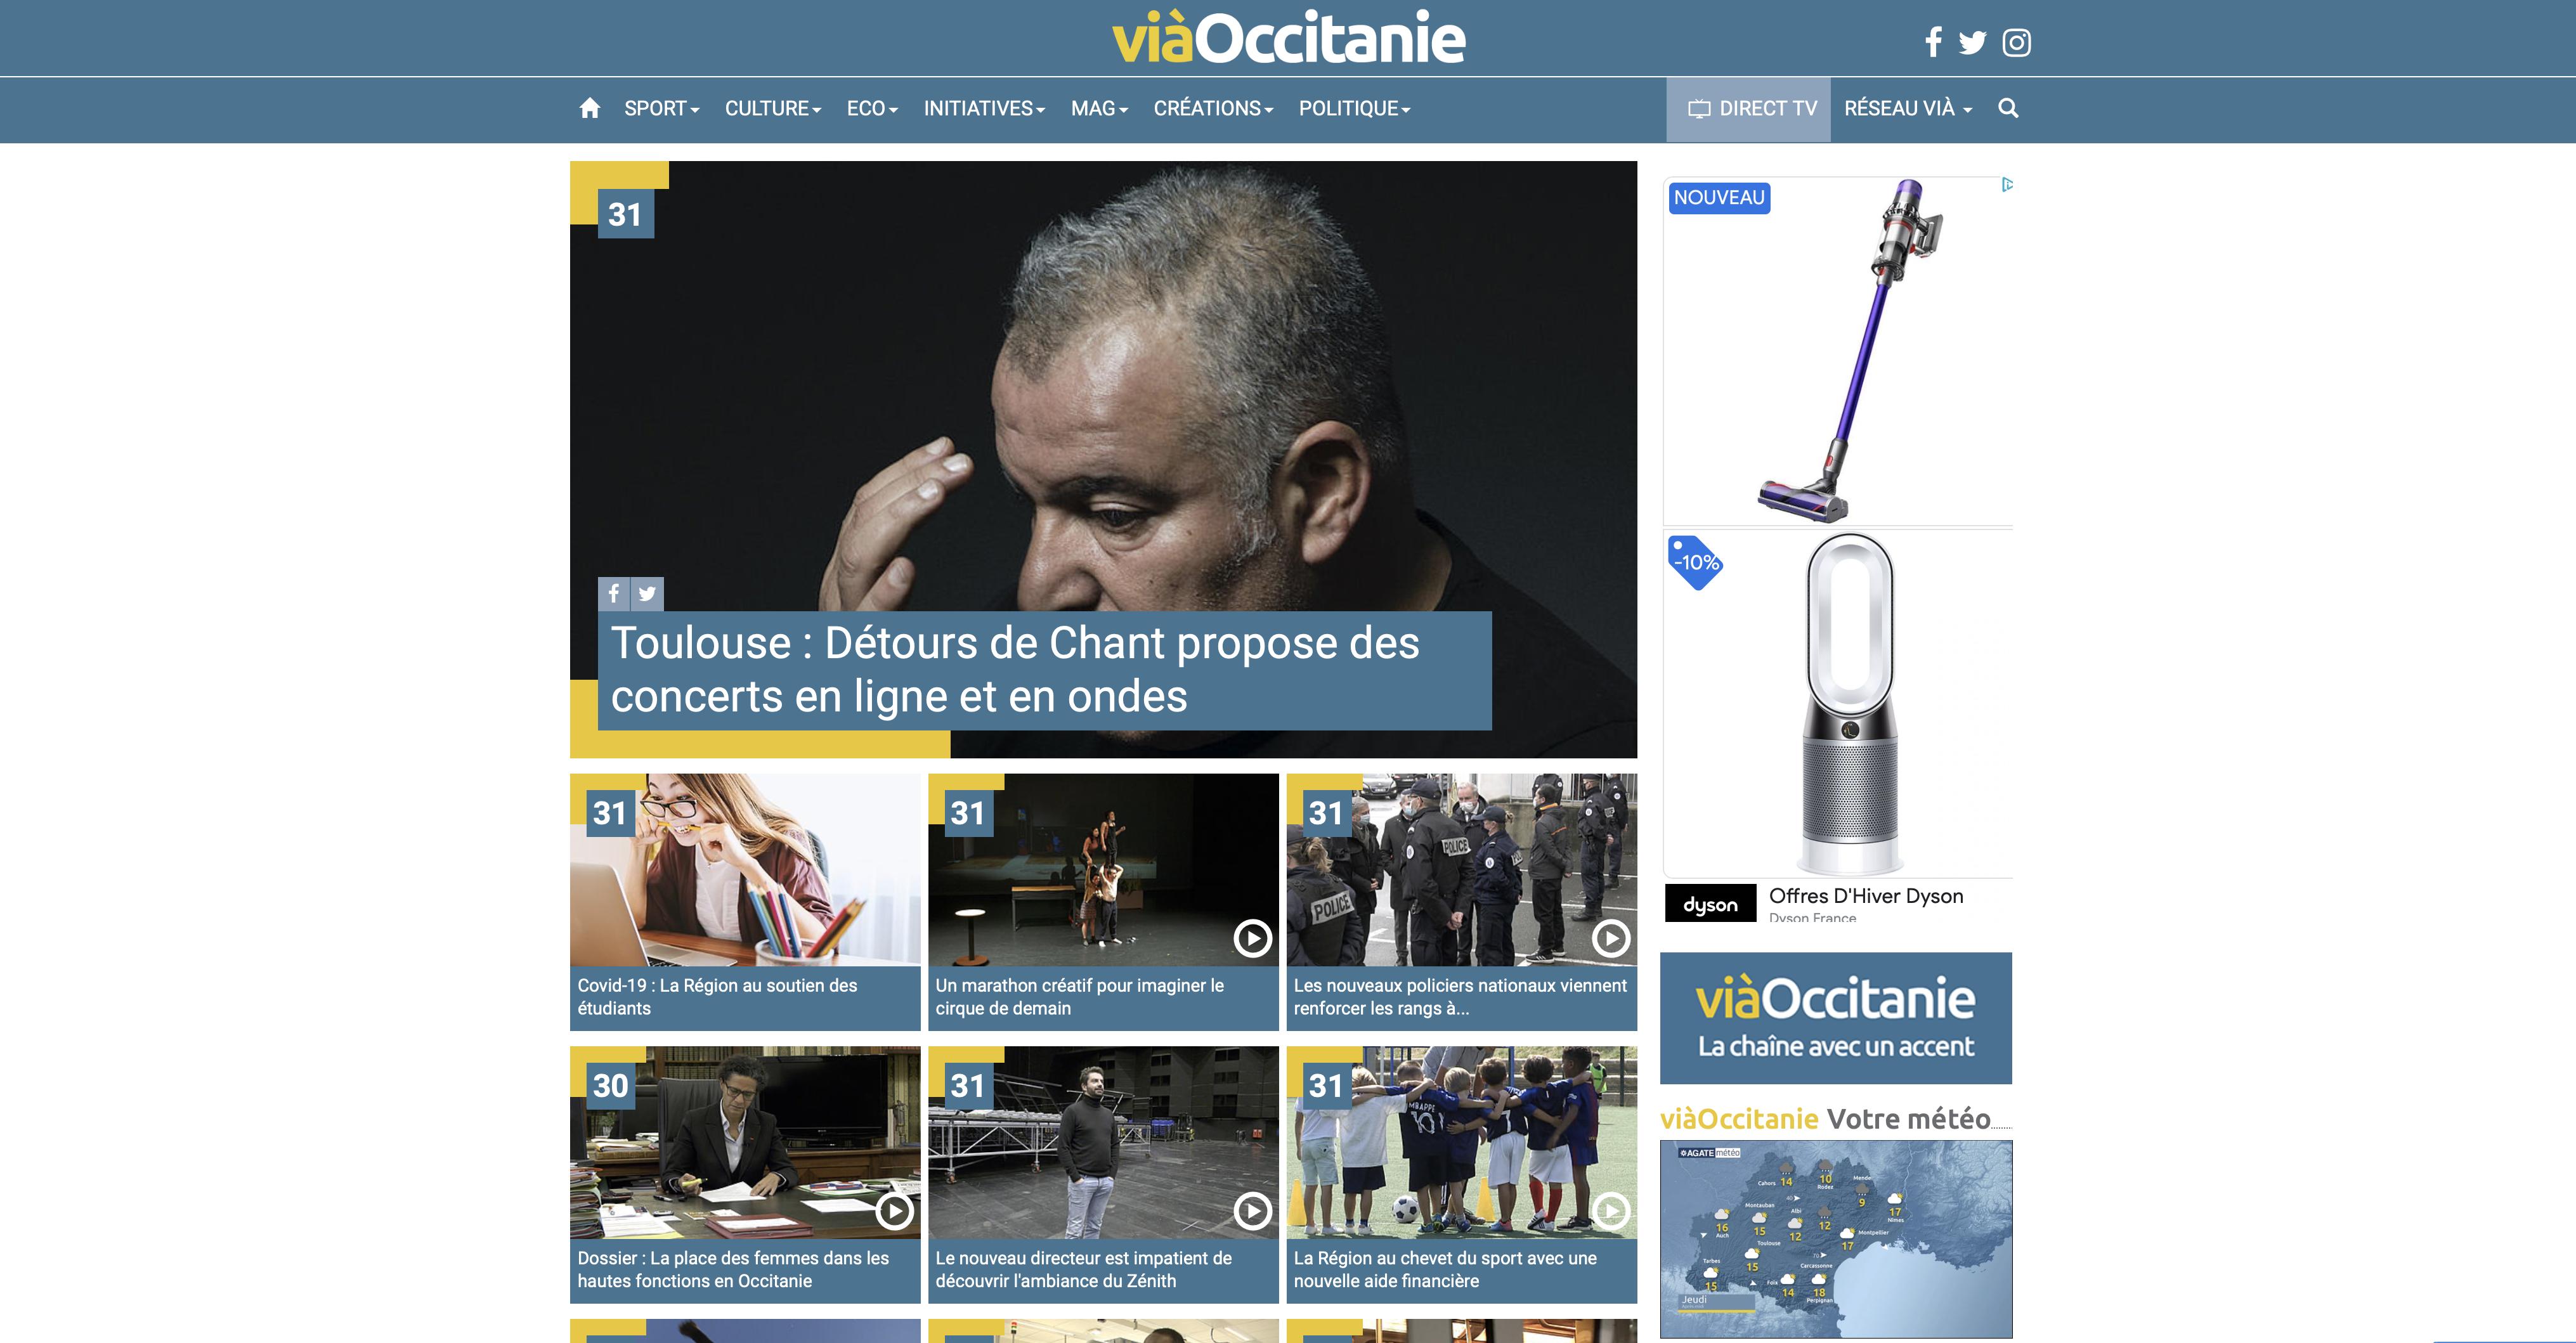 Les chaînes de TV locales du groupe Vià dont ViàOccitanie déposent le bilan. Crédit : capture d'écran